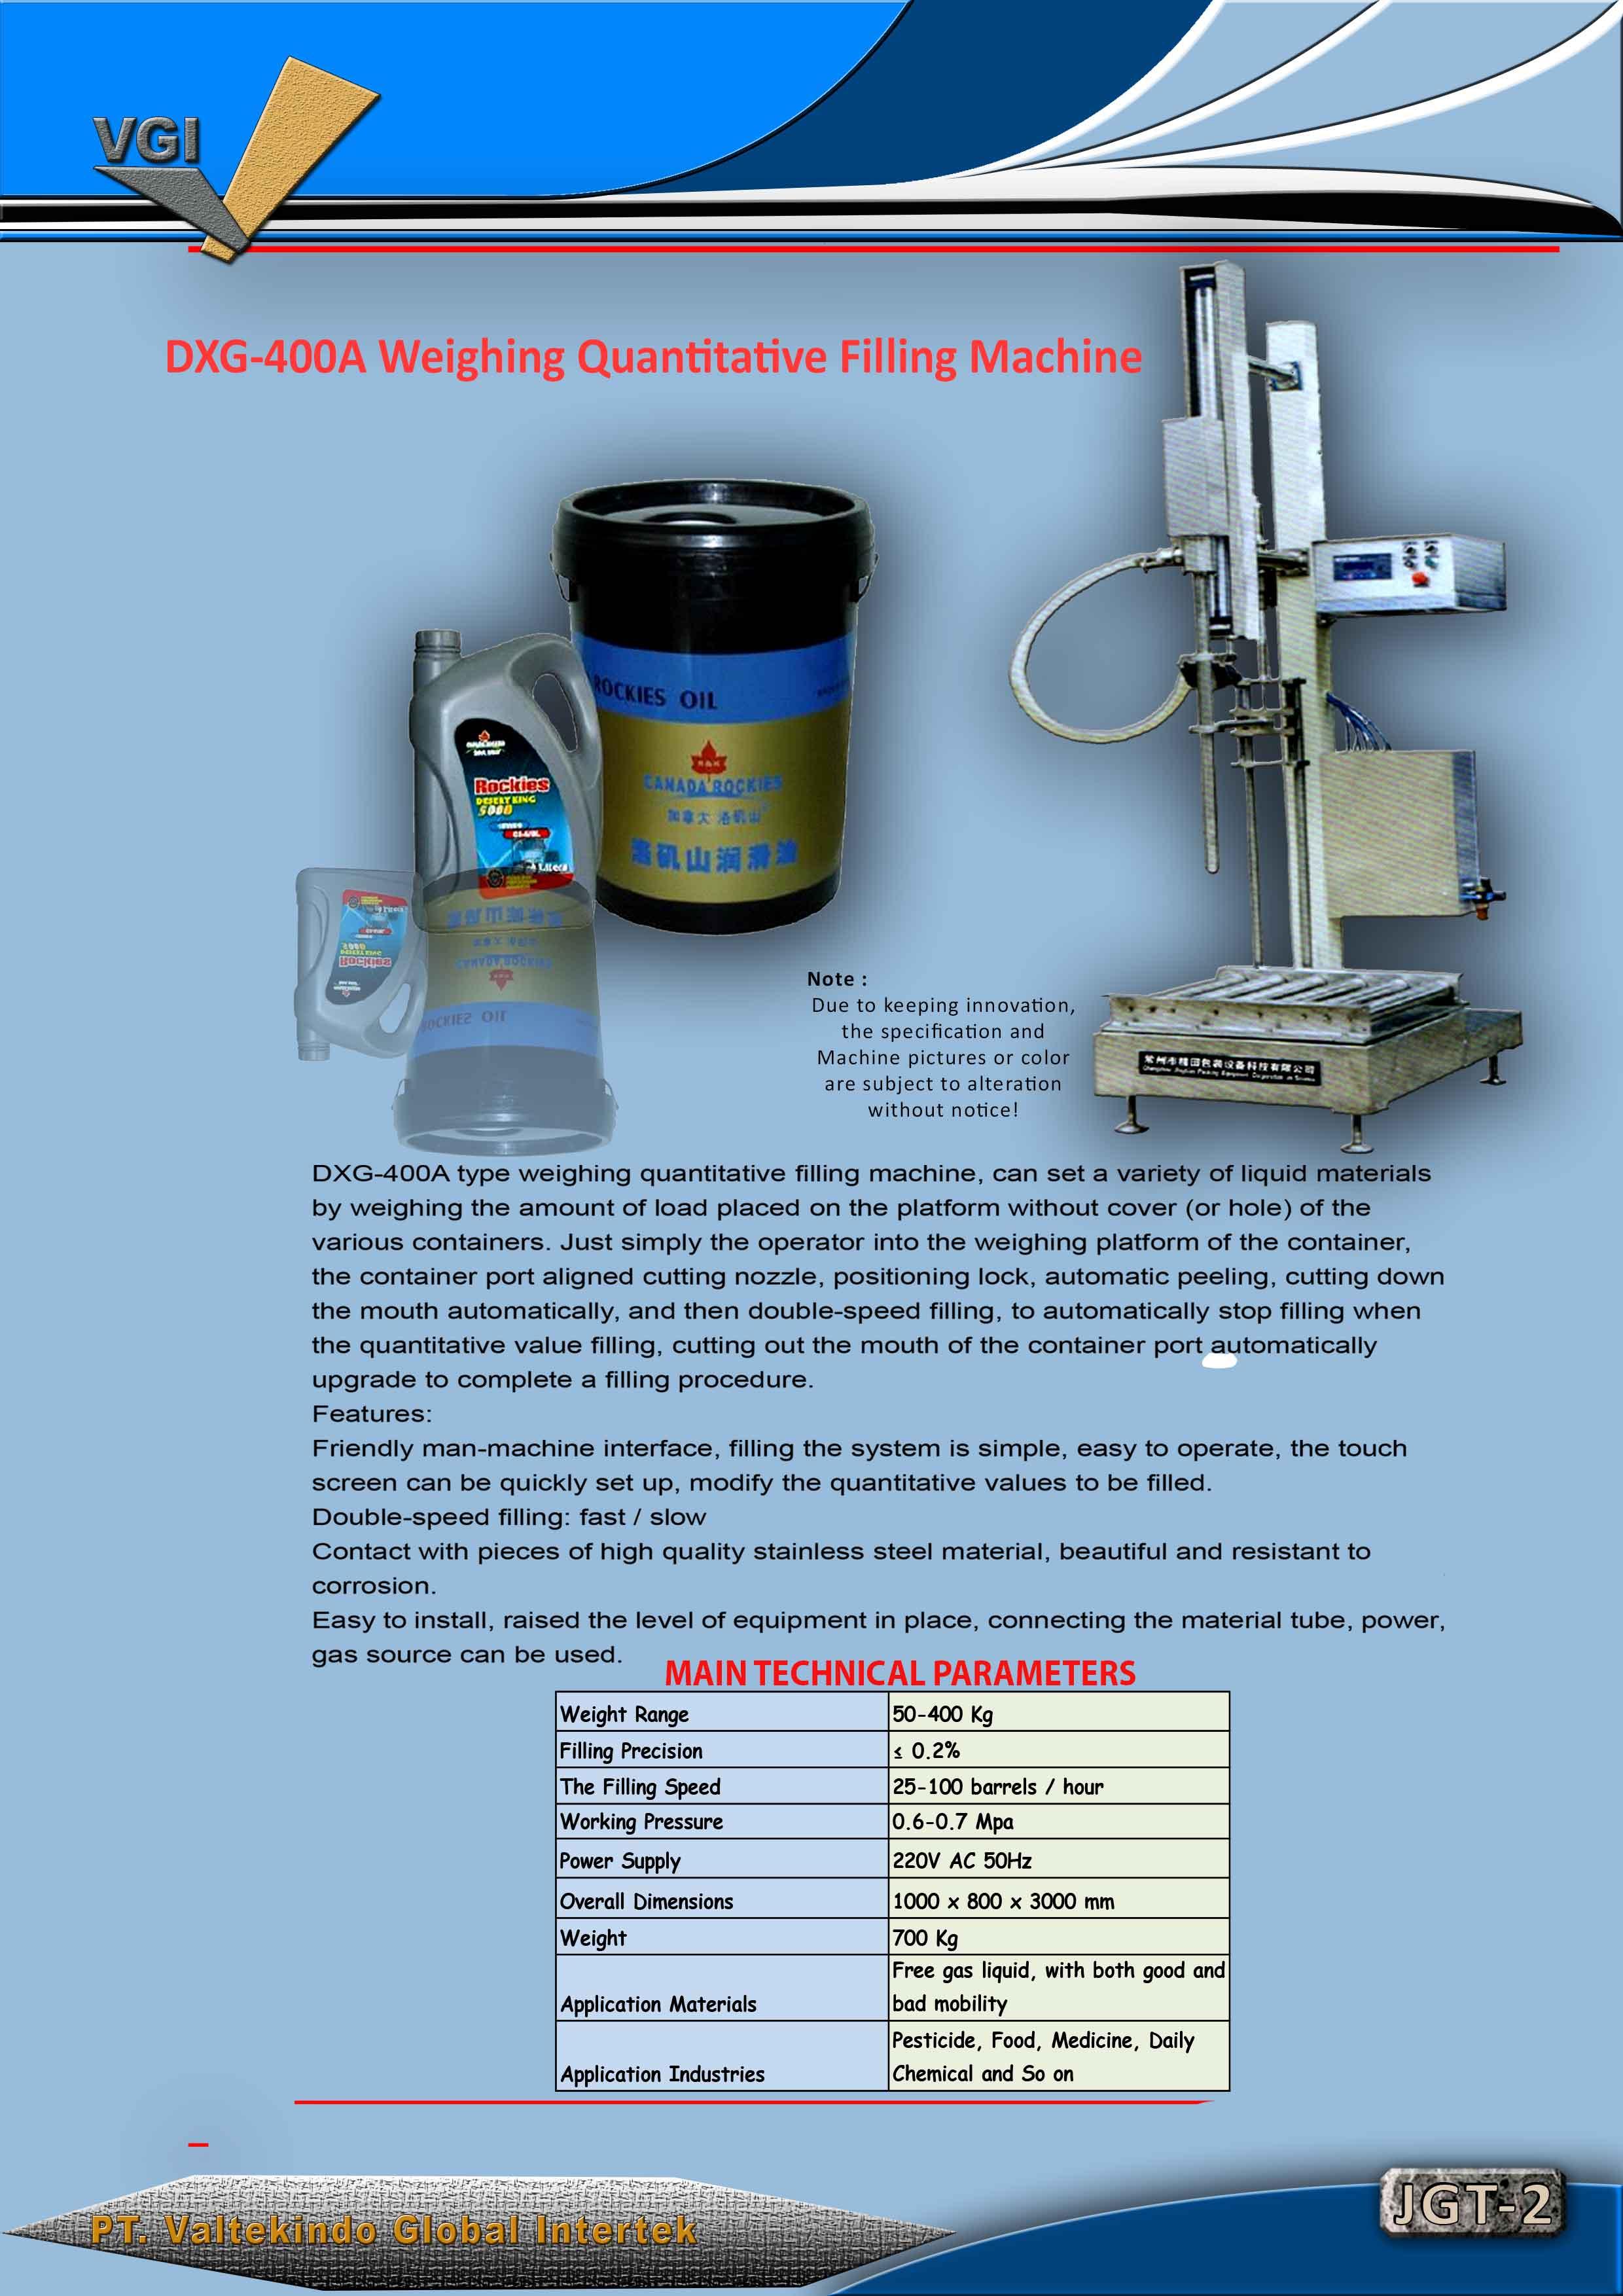 jual mesin Weighing Quantitative Filling Machine2 Weighing Quantitative Filling Machine2